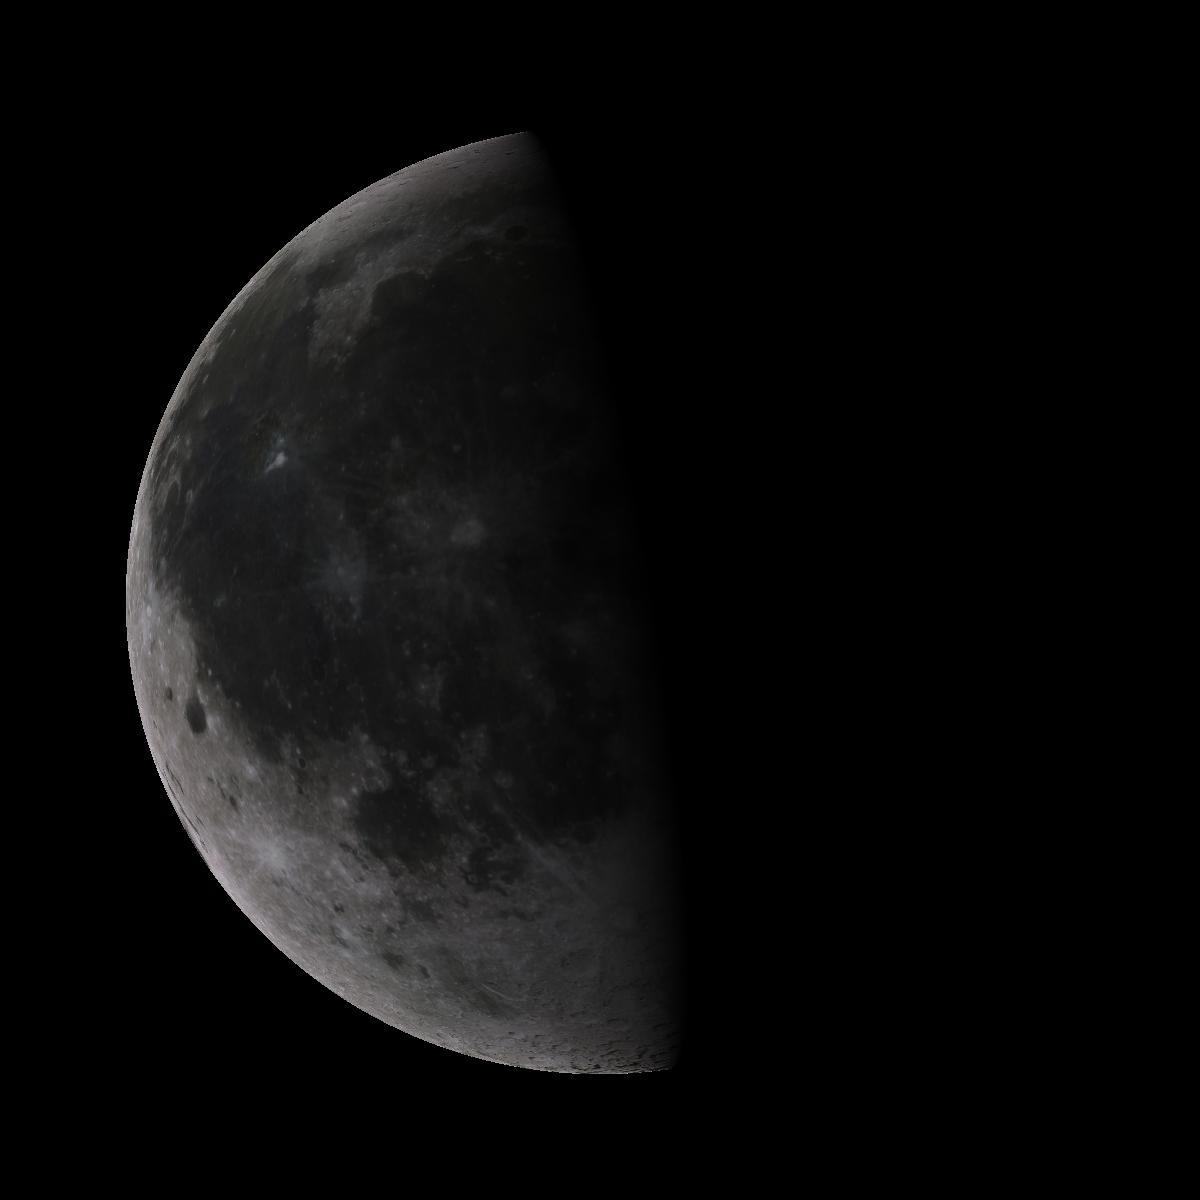 Lune du 21 octobre 2019